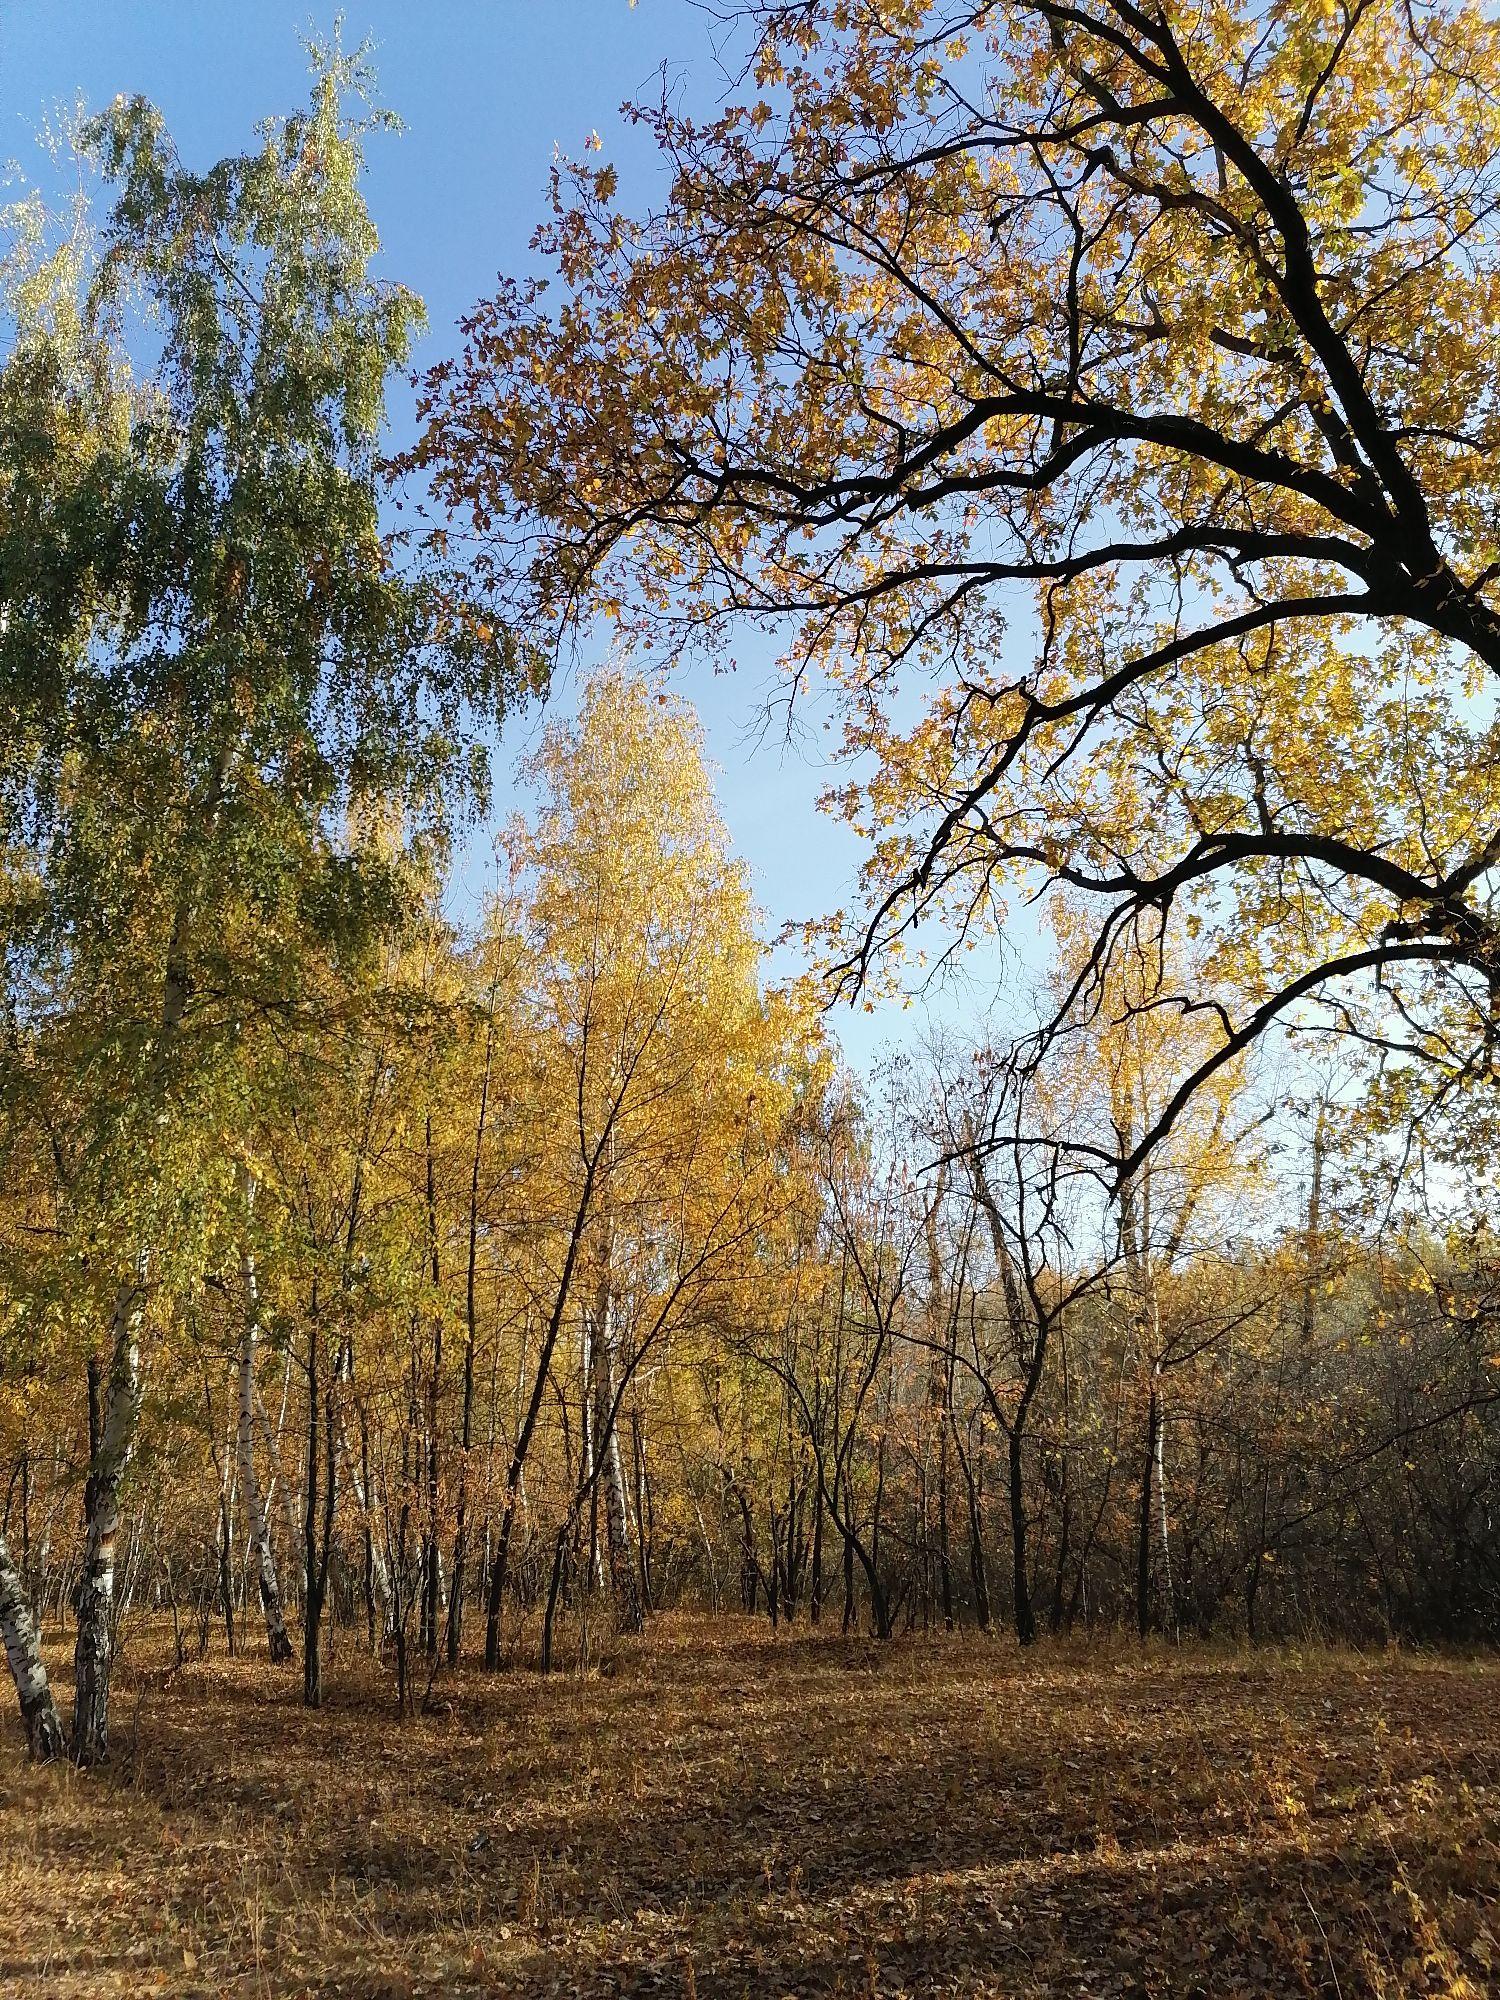 слышен шелест листьев - это лёгкий ветер гуляет в верхушках деревьев